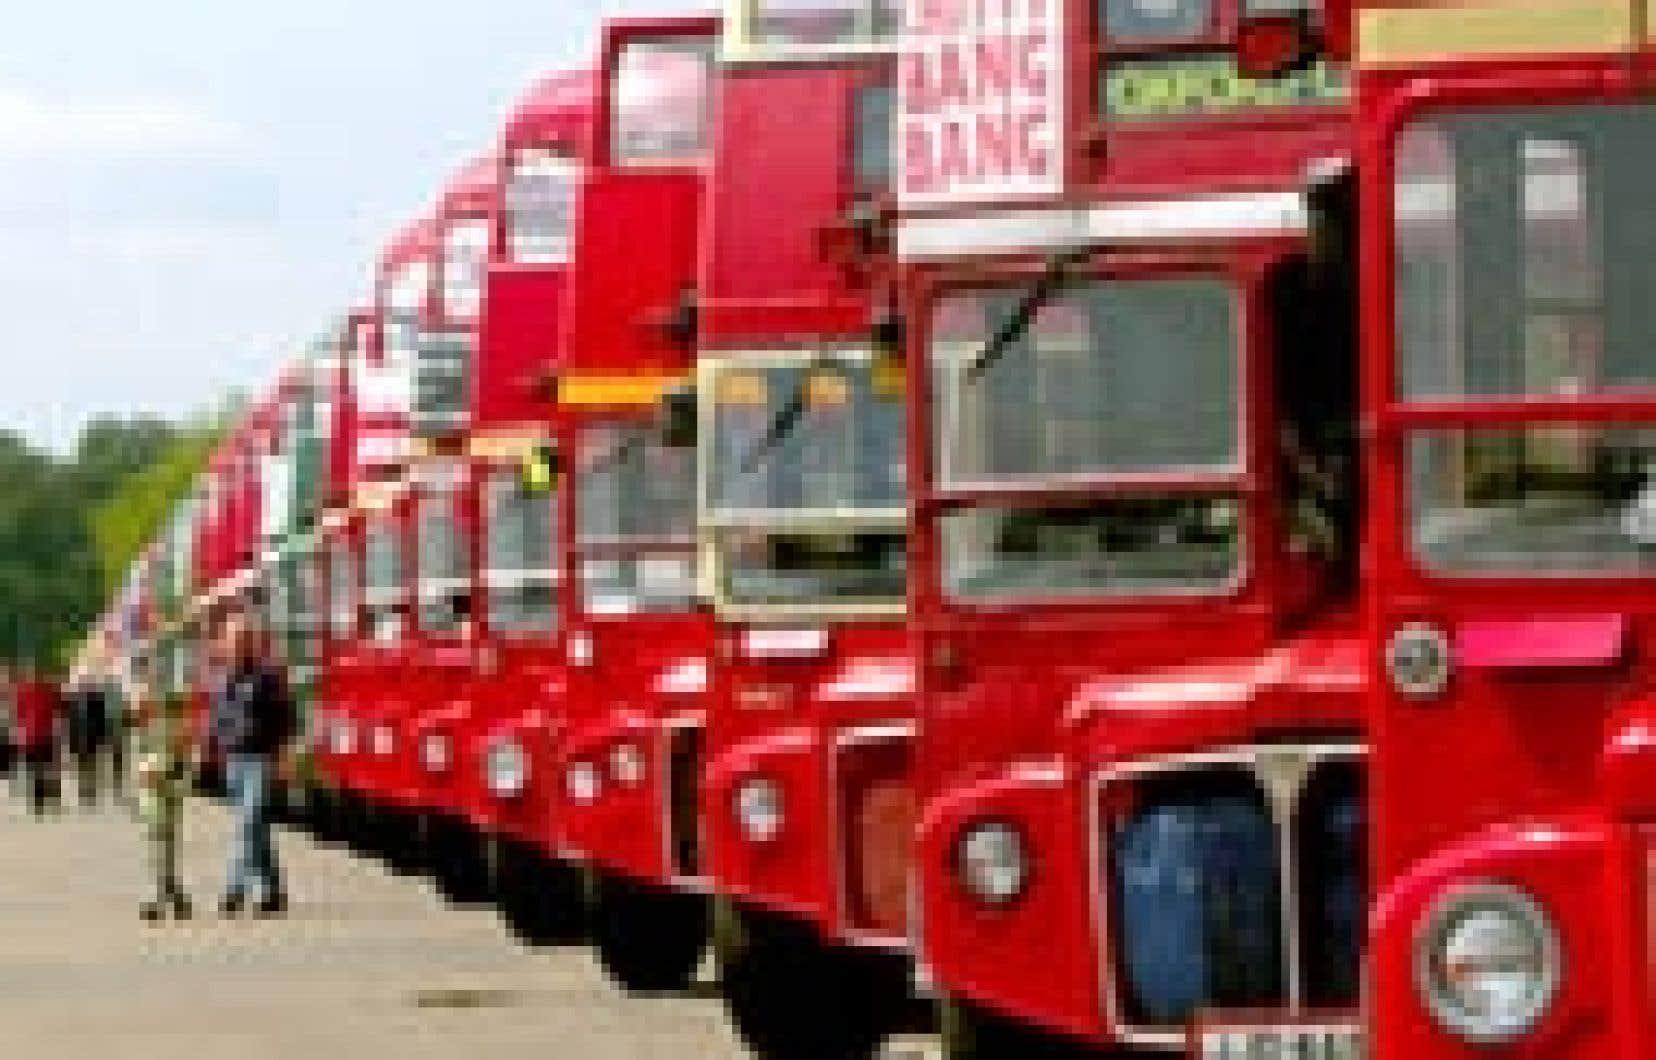 Les fameux autobus rouges à deux étages des rues de Londres, apparus pour la première fois en 1954, seront retirés de la circulation d'ici la fin de 2005, ont annoncé hier les autorités londoniennes, parce que ces véhicules ne sont pas adaptés au